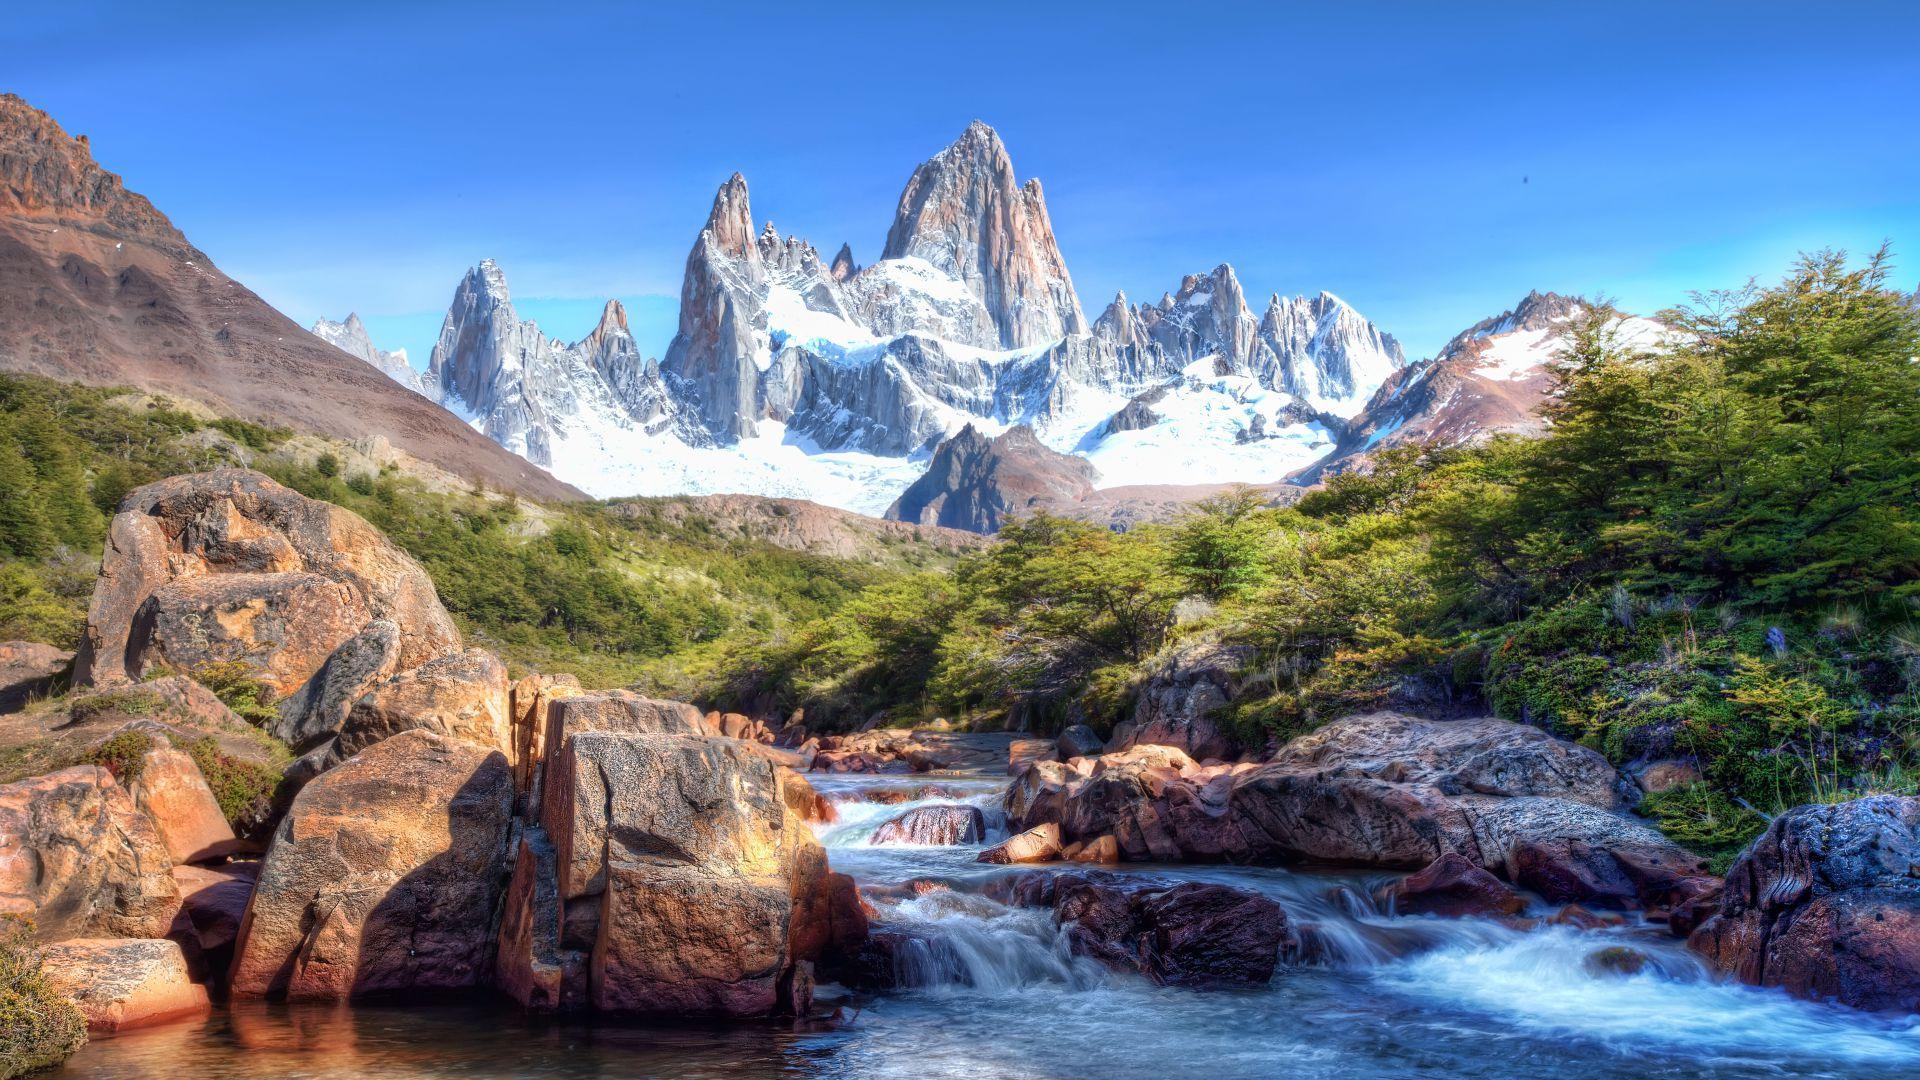 Wallpaper Caucasus Mountains, 4k, 5k wallpaper, lake